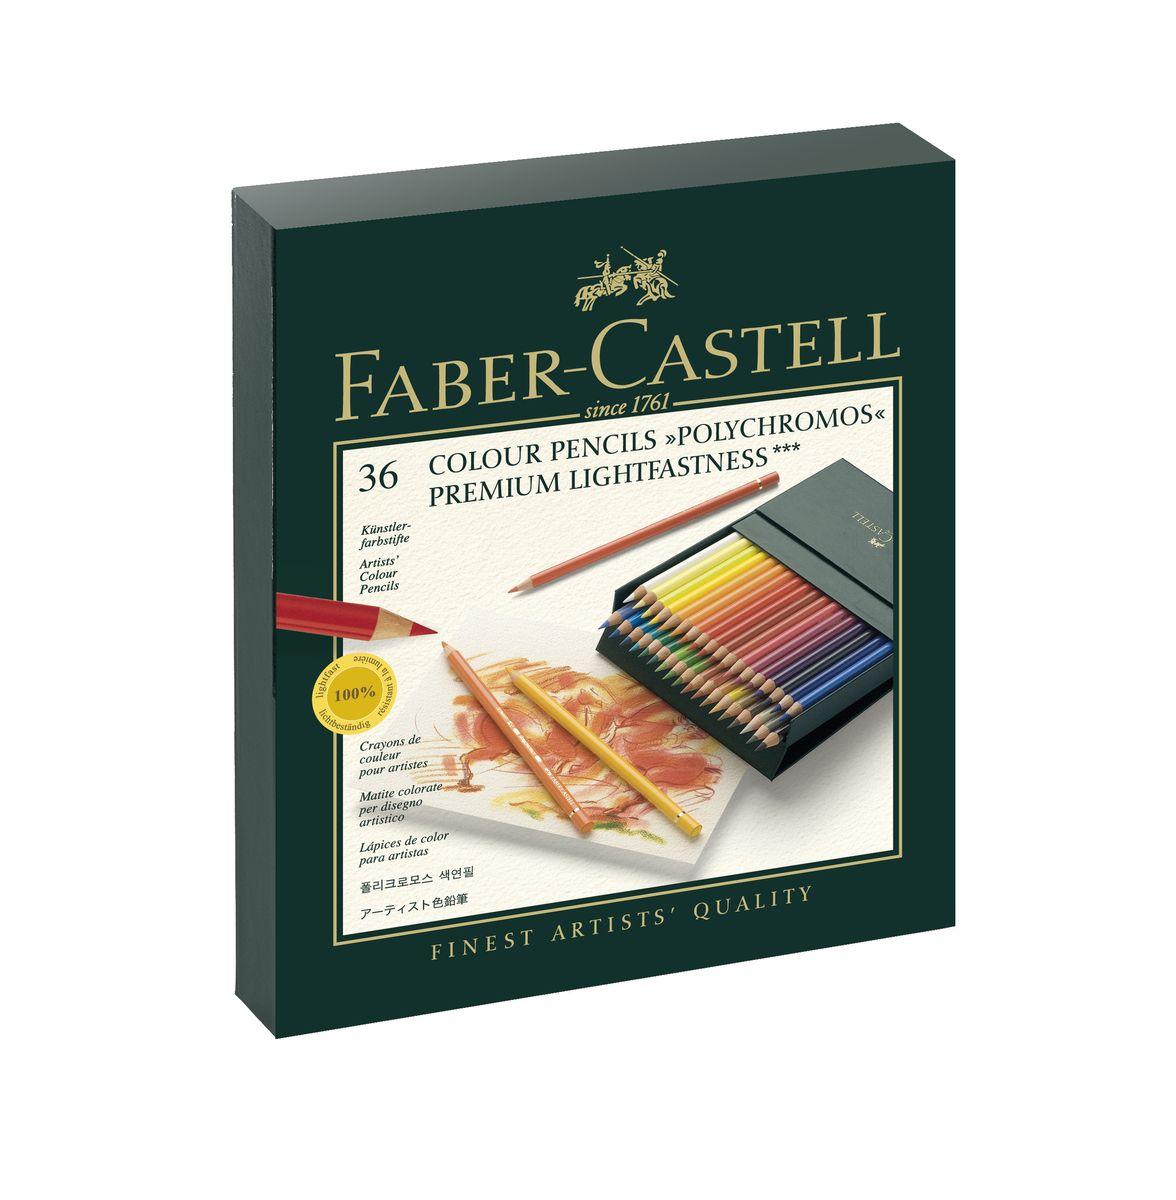 Faber-Castell Цветные карандаши Polychromos 36 цветов110038Цветные карандаши Faber-Castell Polychromos станут незаменимым инструментом для начинающих и профессиональных художников. В набор входят 36 карандашей разных цветов. Особенности карандашей:высокое содержание очень качественных пигментов гарантирует устойчивость к воздействию света и интенсивность;грифель толщиной 3,8 мм; гладкий грифель на основе воска водоустойчив, не размазывается.Набор цветных карандашей - это практичный художественный инструмент, который поможет вам в создании самых выразительных произведений. Карандаши упакованы в коробку из кожзама, благодаря чему их удобно хранить.